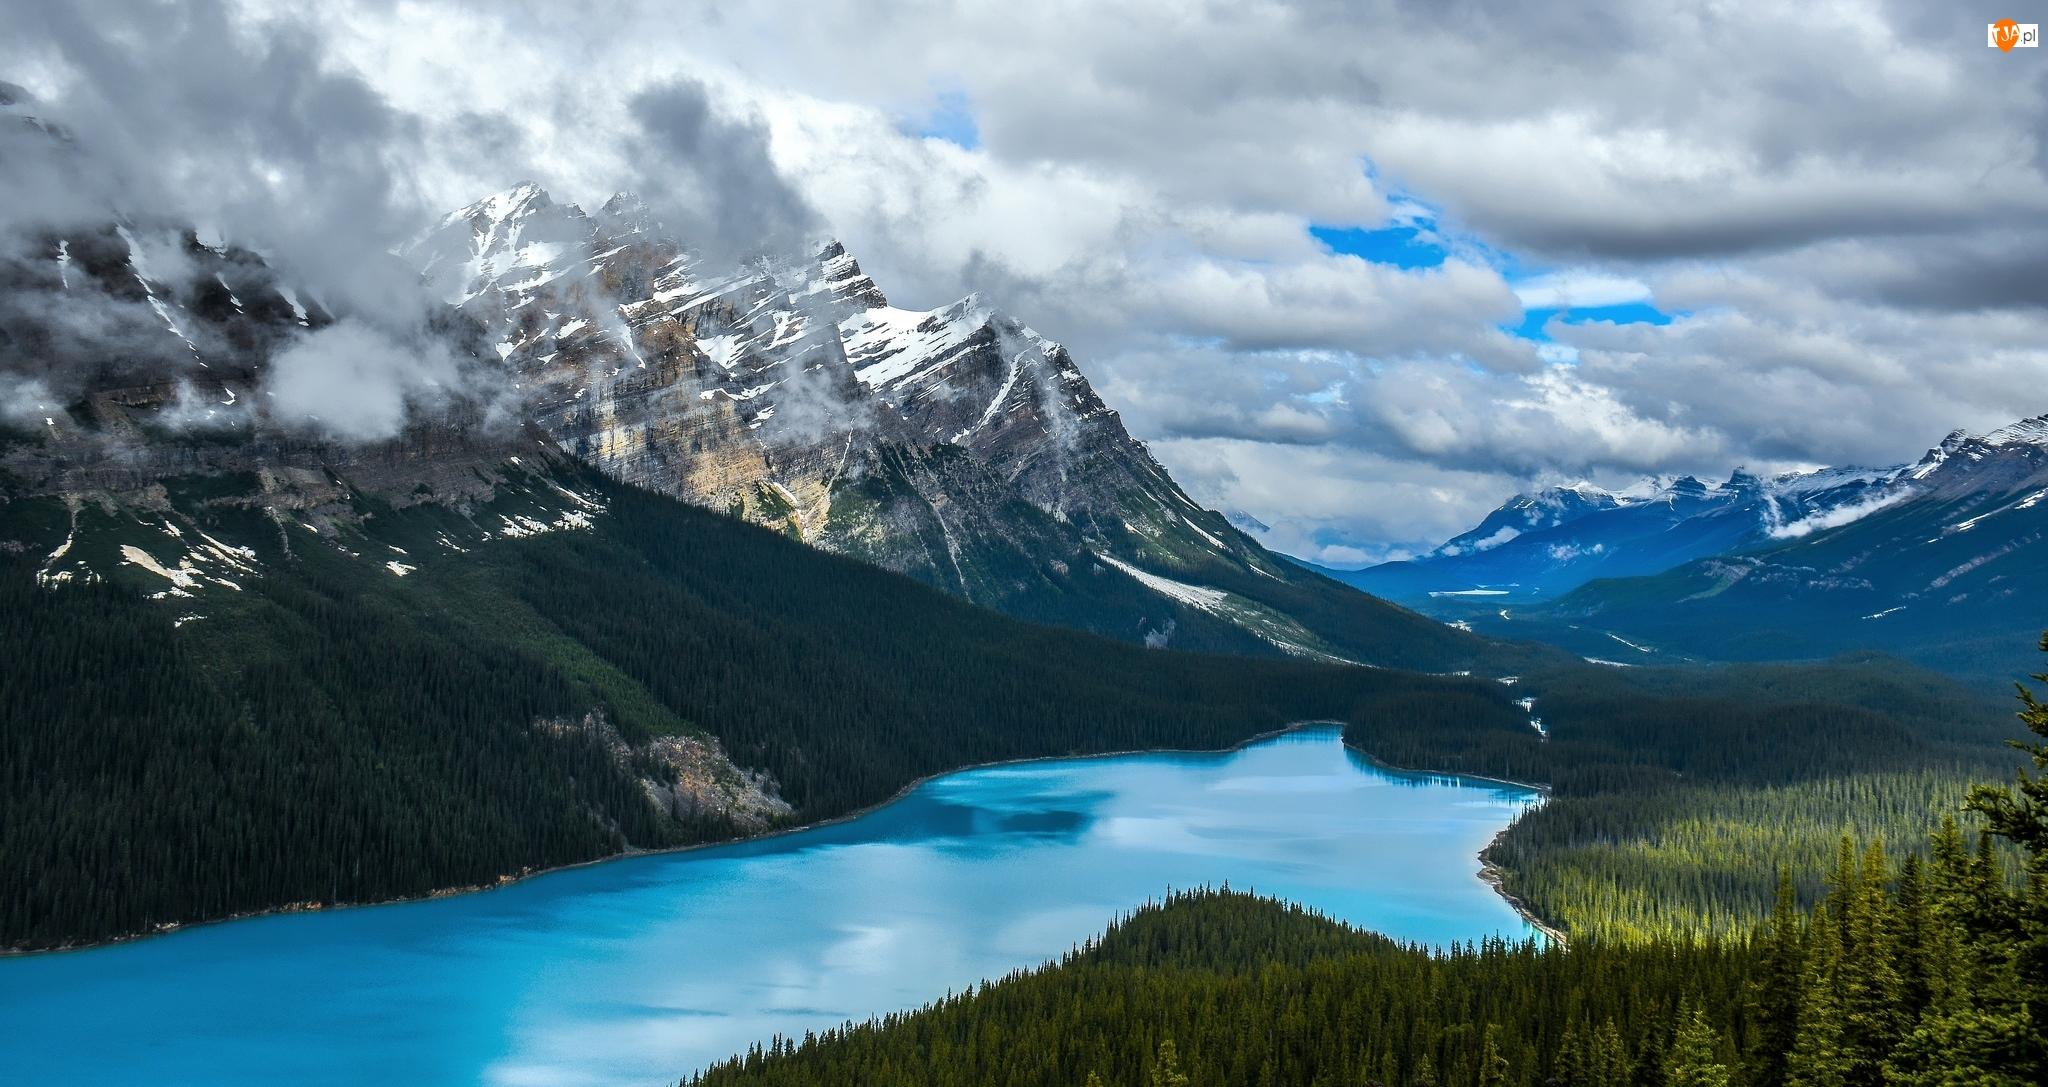 Park Narodowy Banff, Góry Canadian Rockies, Chmury, Kanada, Drzewa, Las, Jezioro Peyto Lake